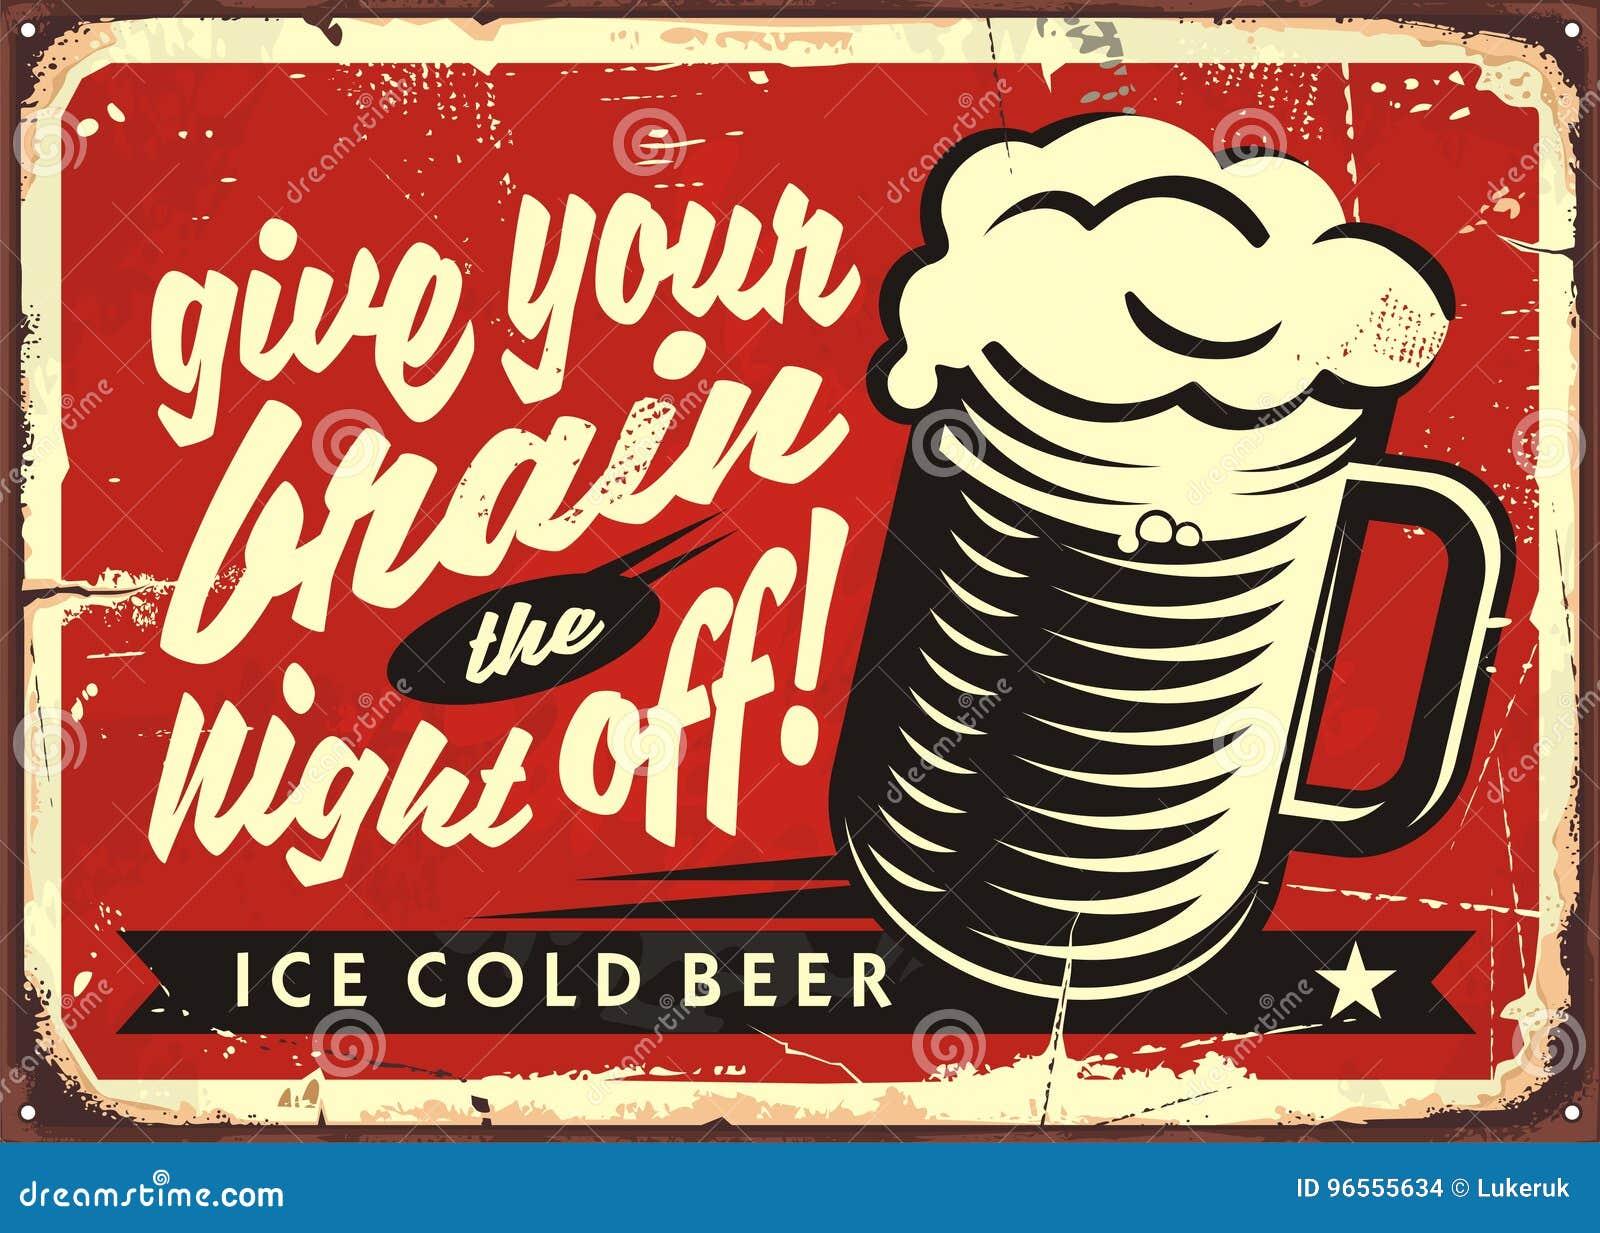 Ilustração do vetor do vintage com vidro de cerveja no fundo vermelho